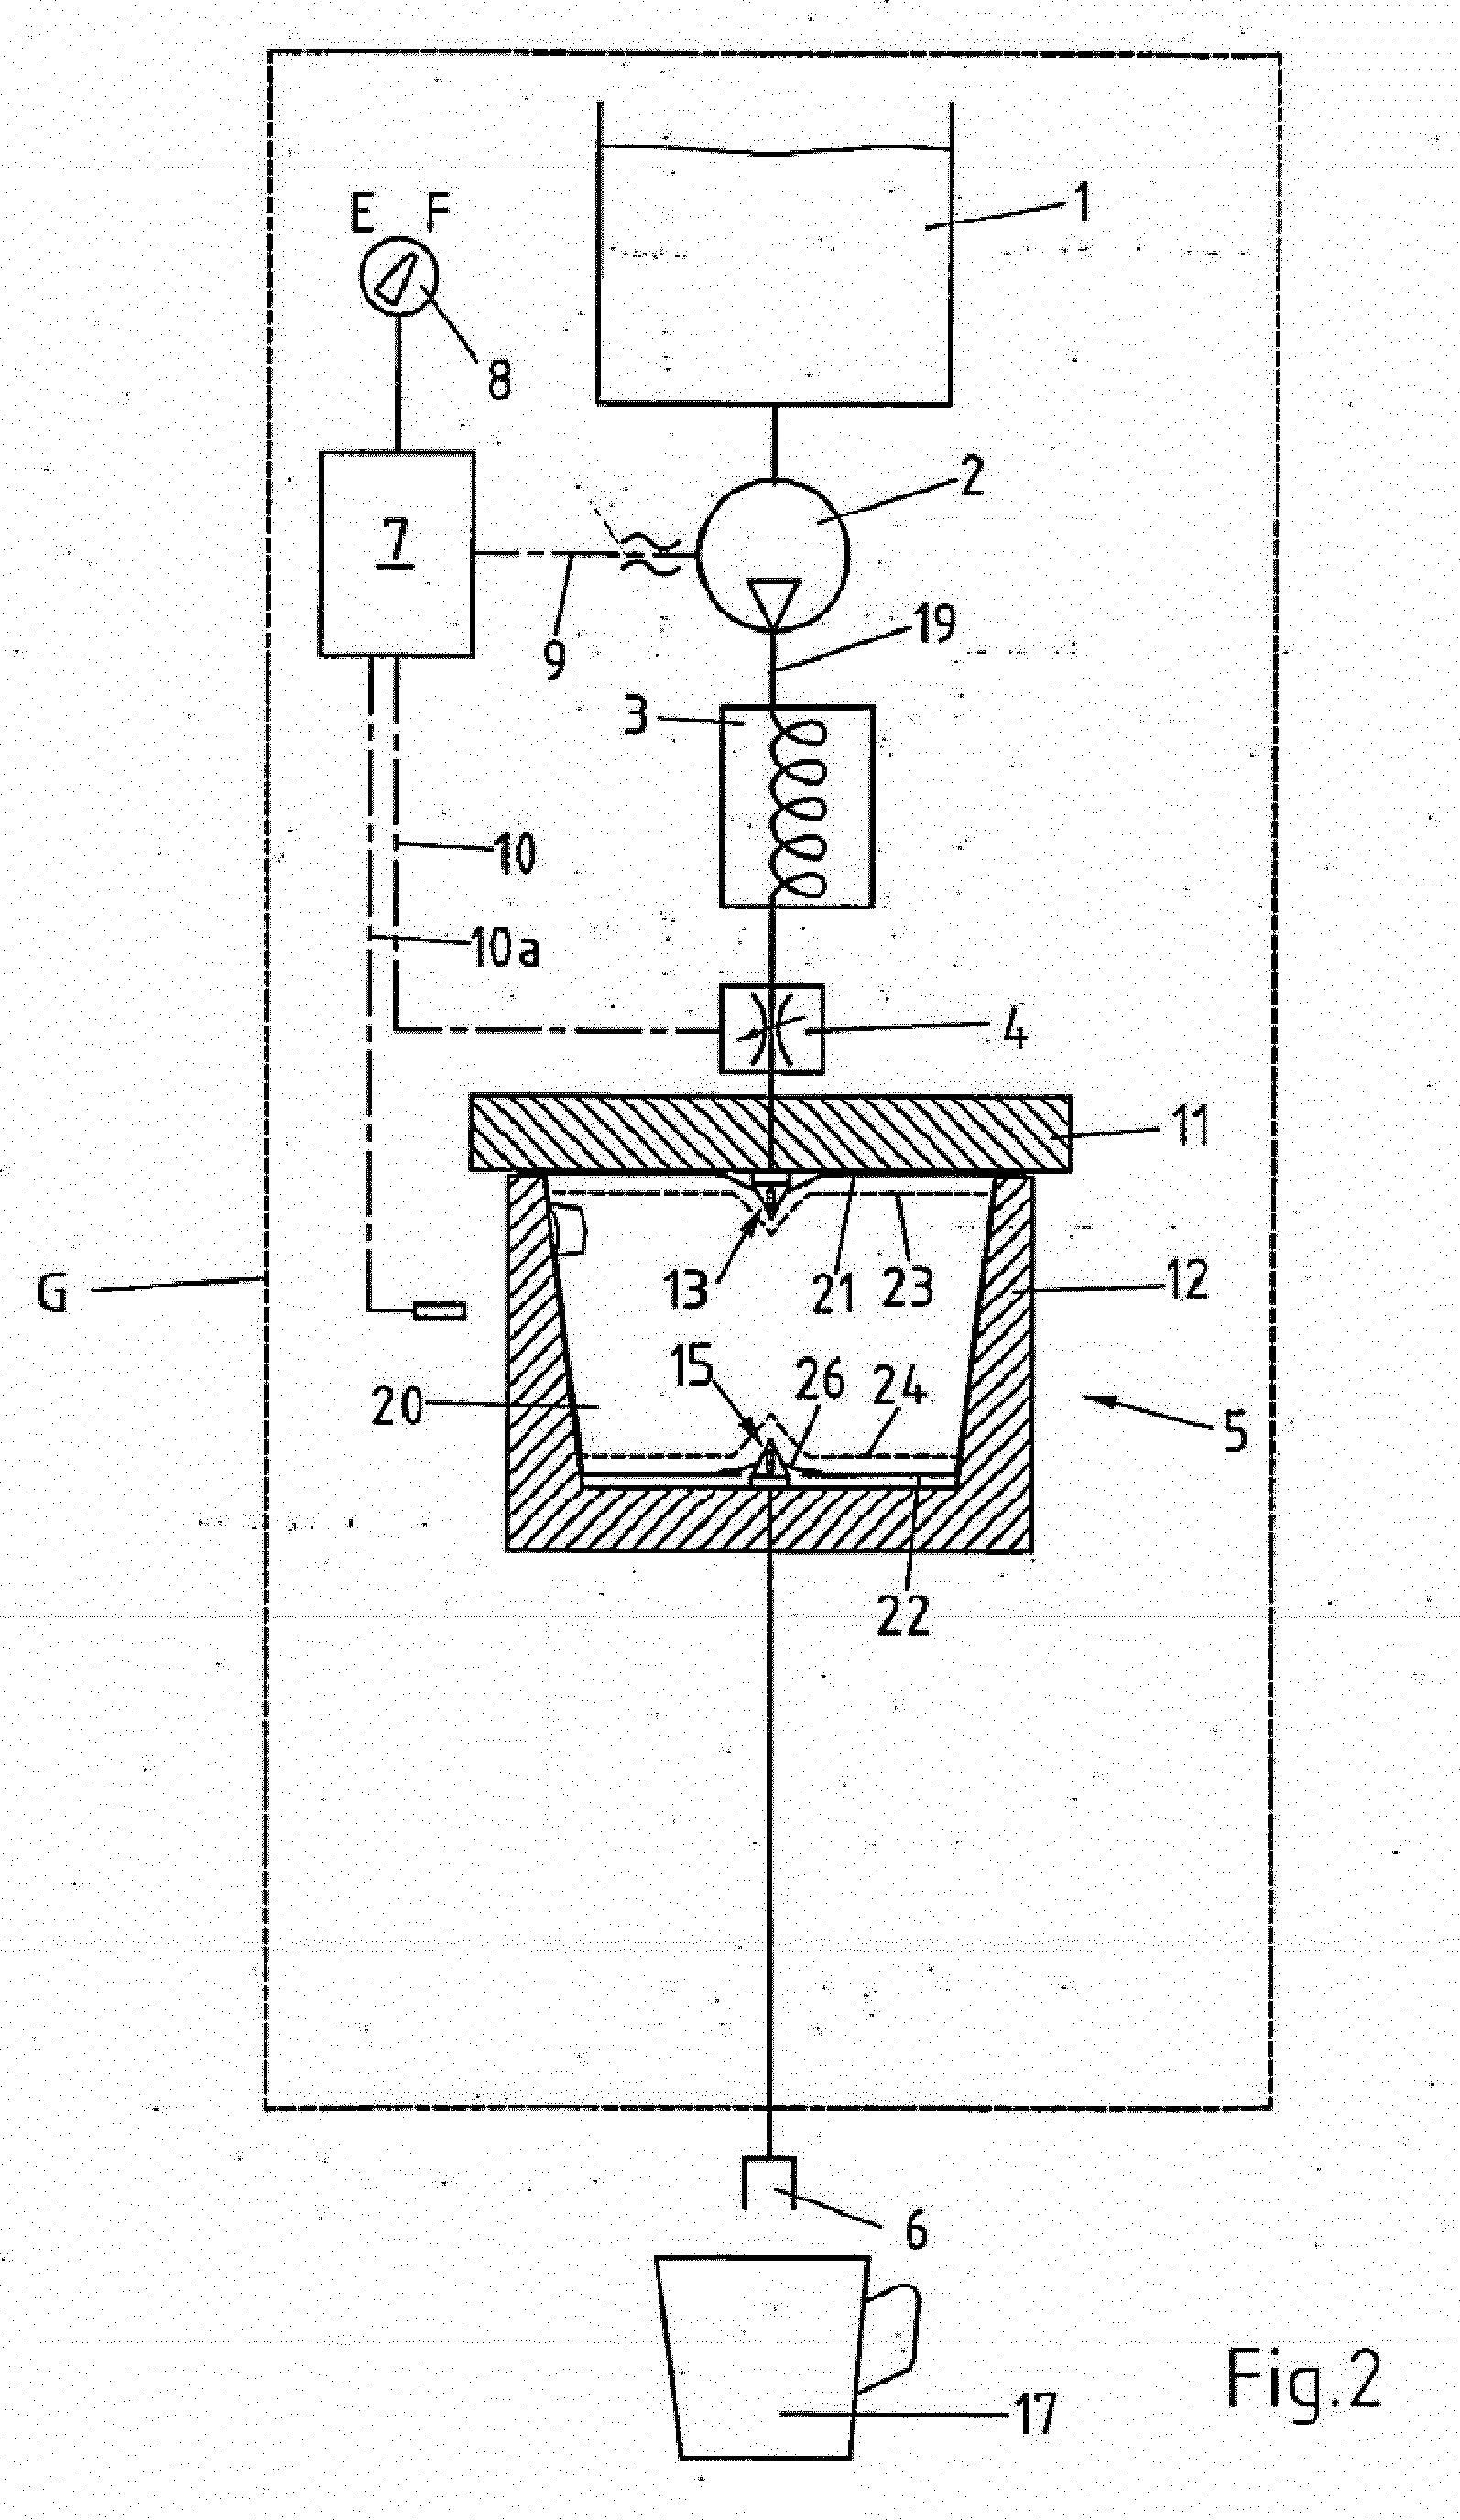 patent ep2446791a2 kaffeemaschine zum aufbr hen von in einer kapsel abgepacktem pulverkaffee. Black Bedroom Furniture Sets. Home Design Ideas